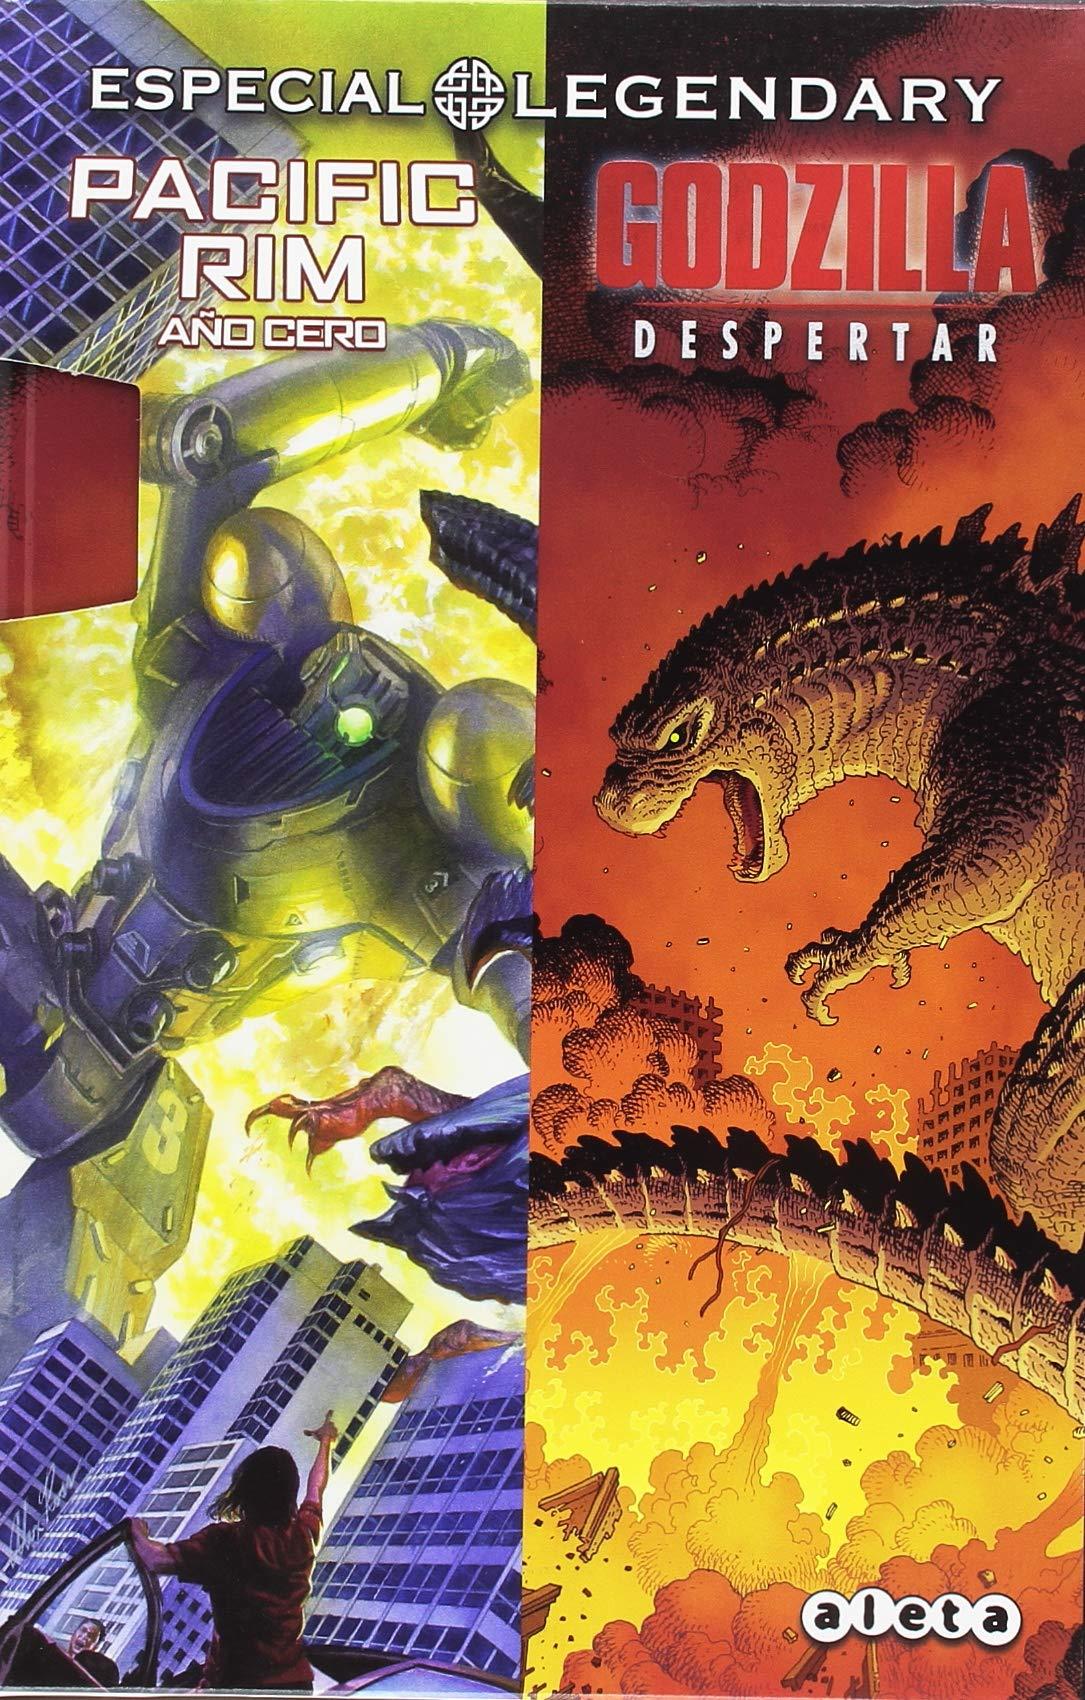 Estuche Legendary (Pacific Rim Y Godzilla): Amazon.es: Guillermo Del Toro: Libros